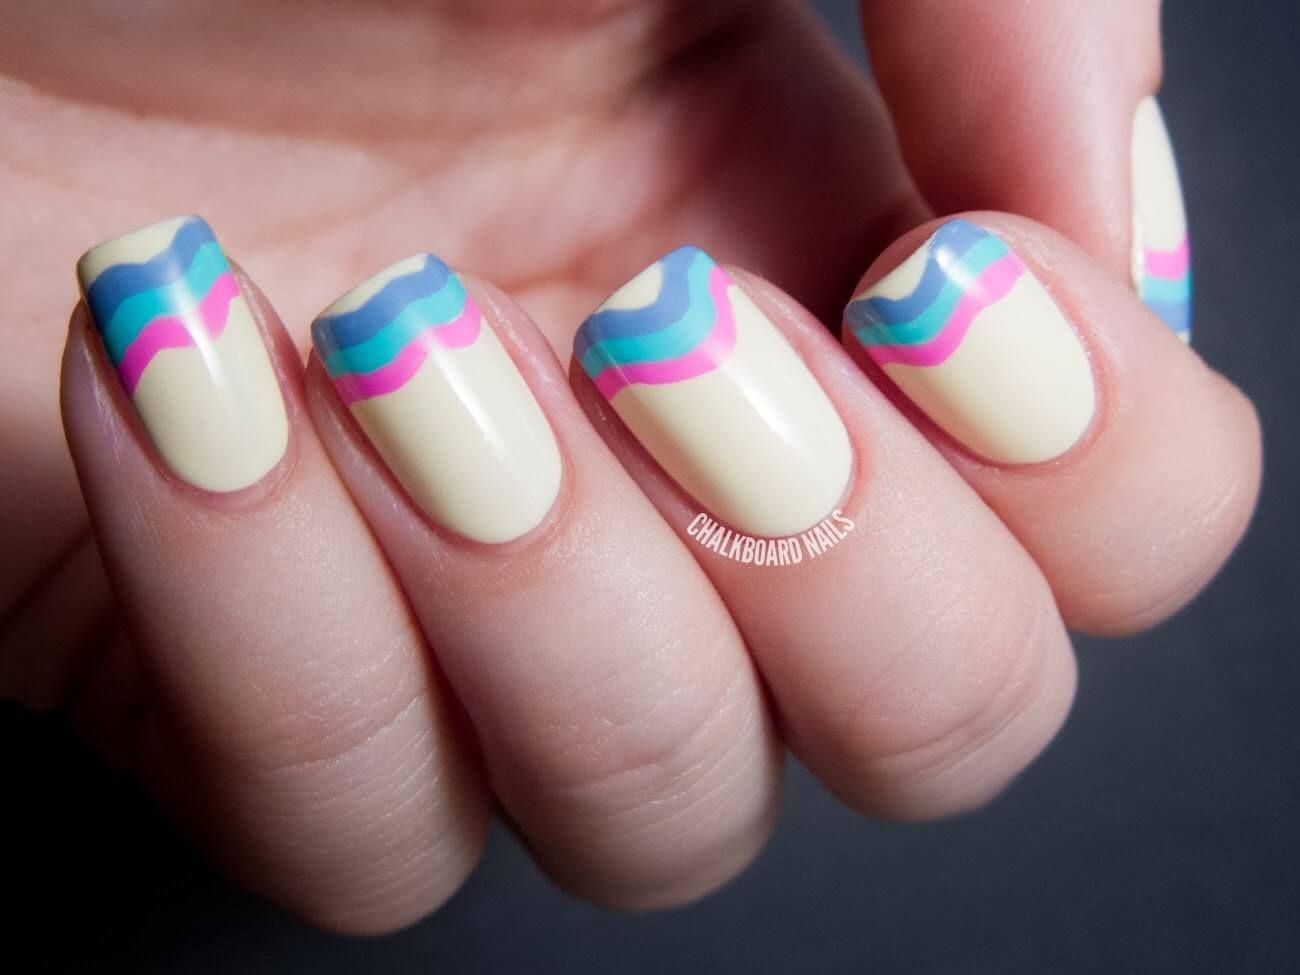 de uas francesas uas decoradas nail art with decoracion uas francesas uas francesas decoradas uas - Uas Francesas Decoradas